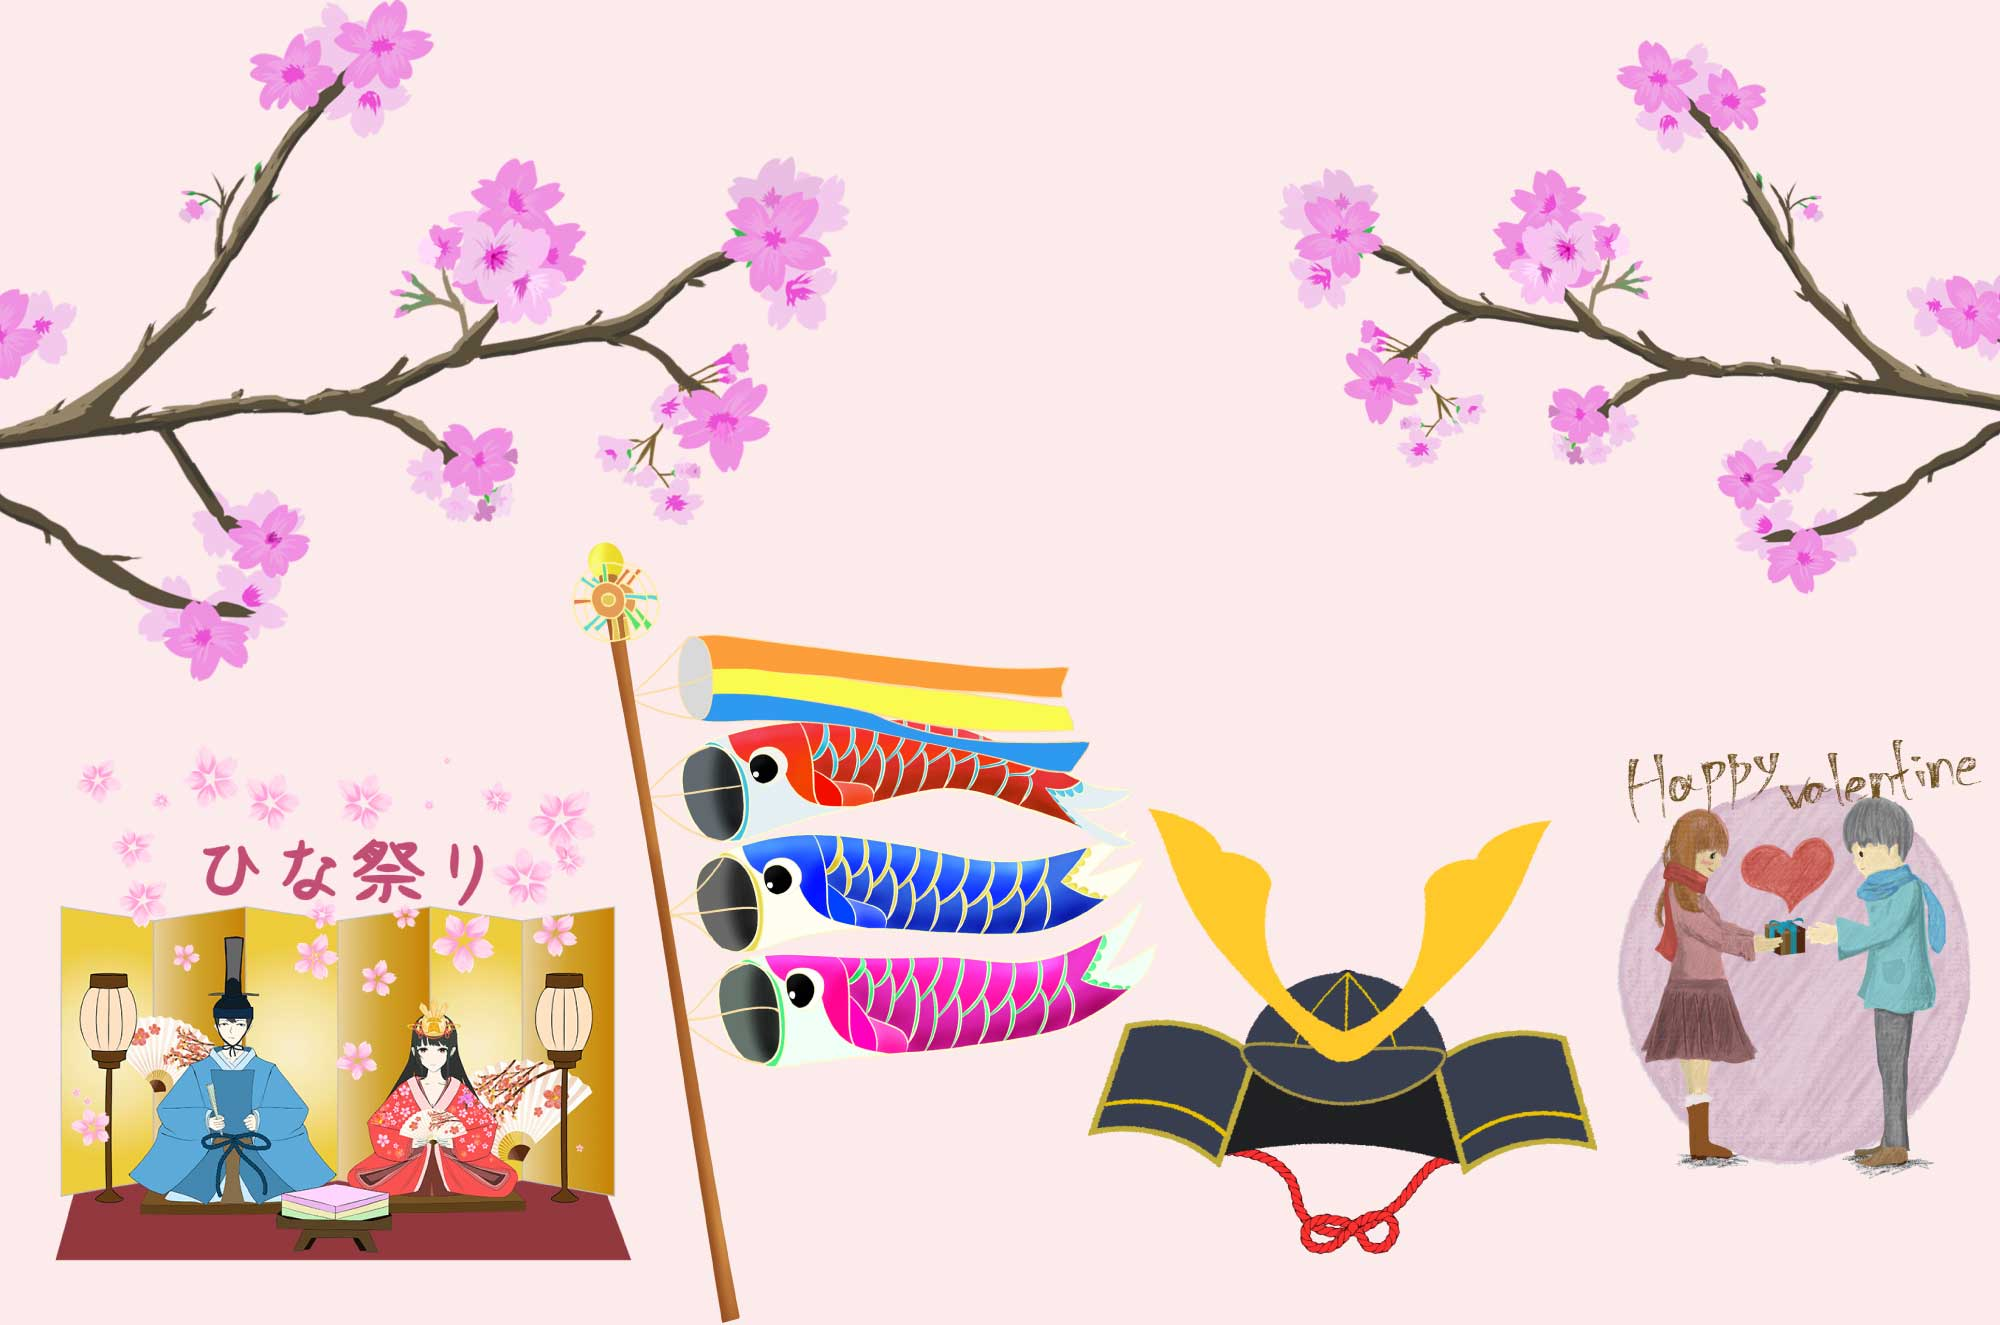 春の無料イラスト - 季節の食べ物・花・行事の素材